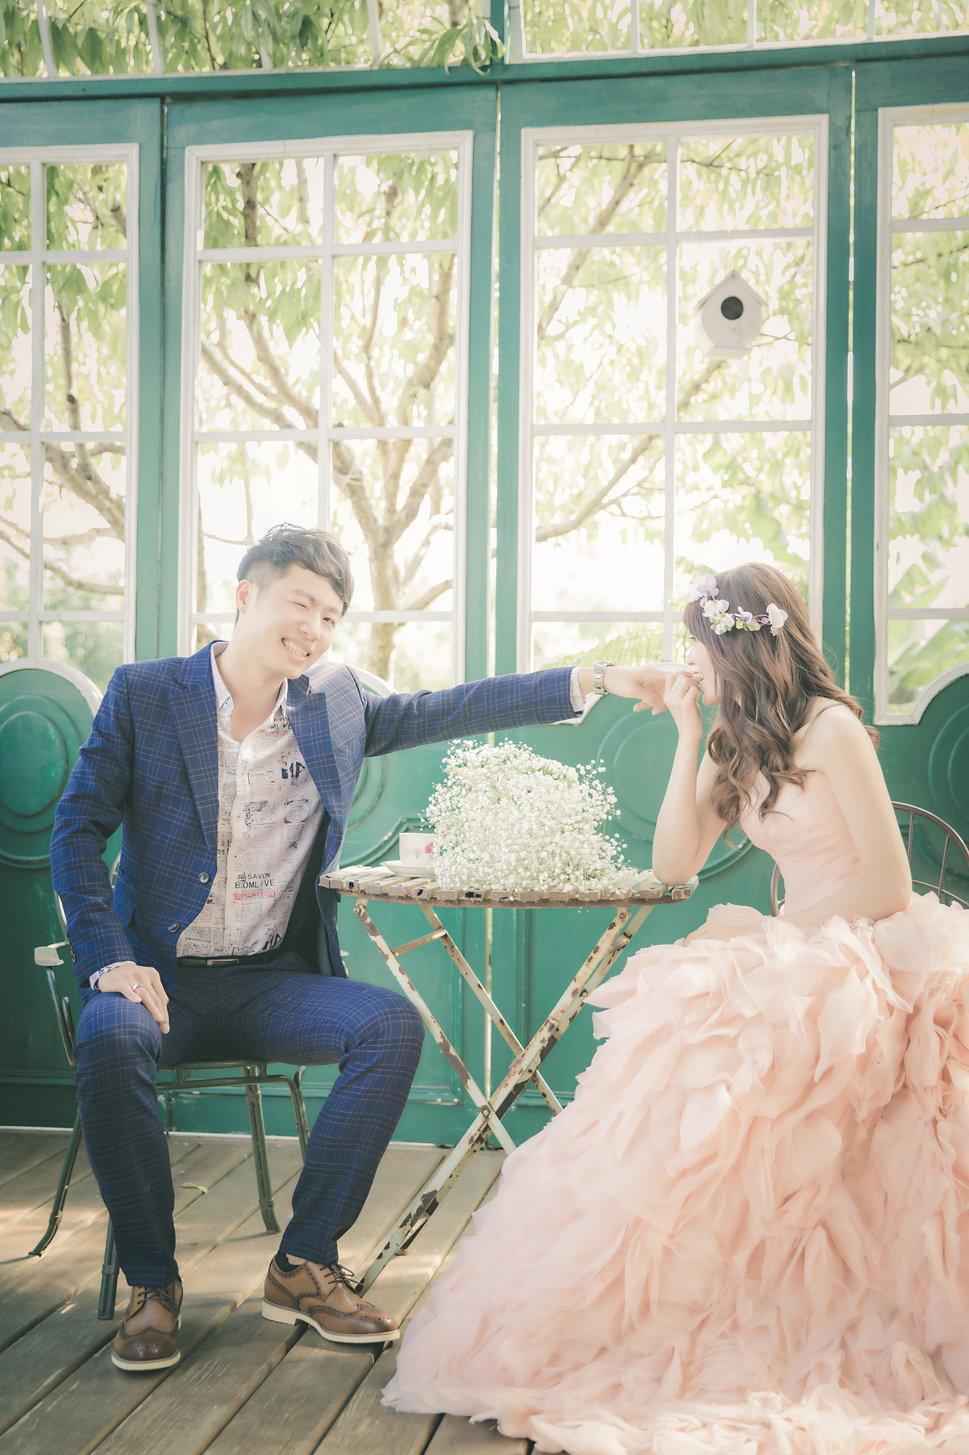 希臘婚禮 熟悉的角落 是最美麗的風景 新人分享 智&芸(編號:423741) - 希臘婚禮  婚紗  攝影 - 結婚吧一站式婚禮服務平台